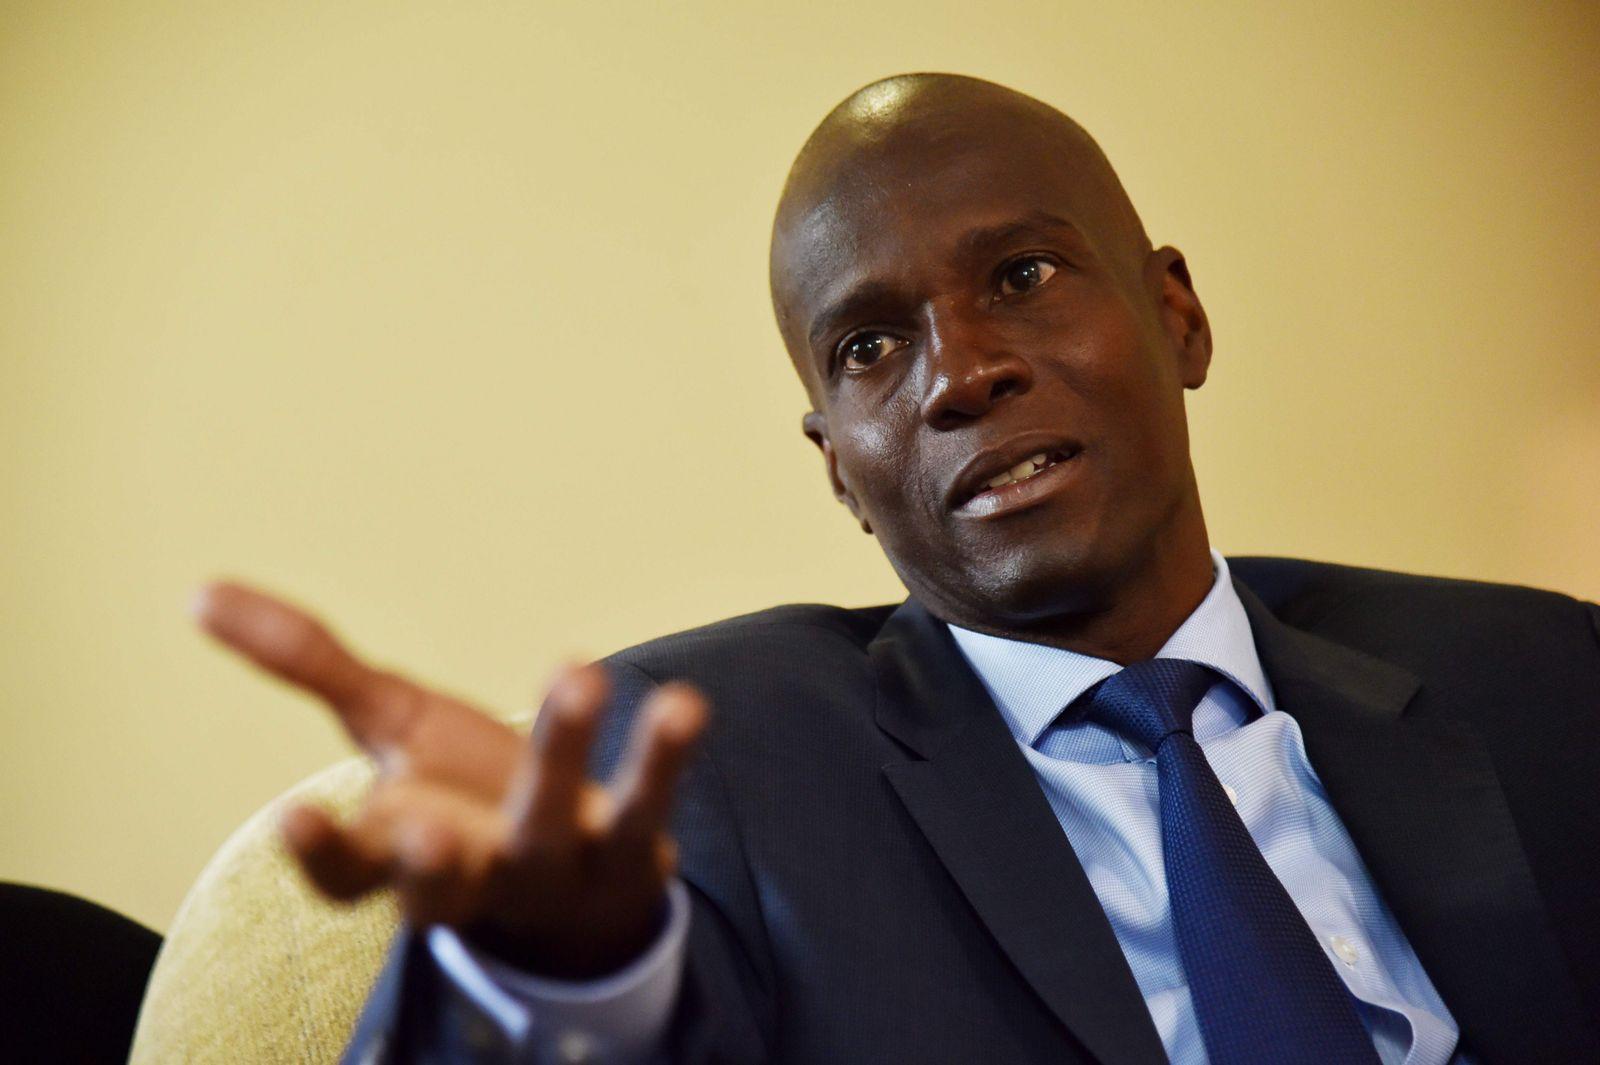 Jovenel Moïse/ Präsident/ Haiti